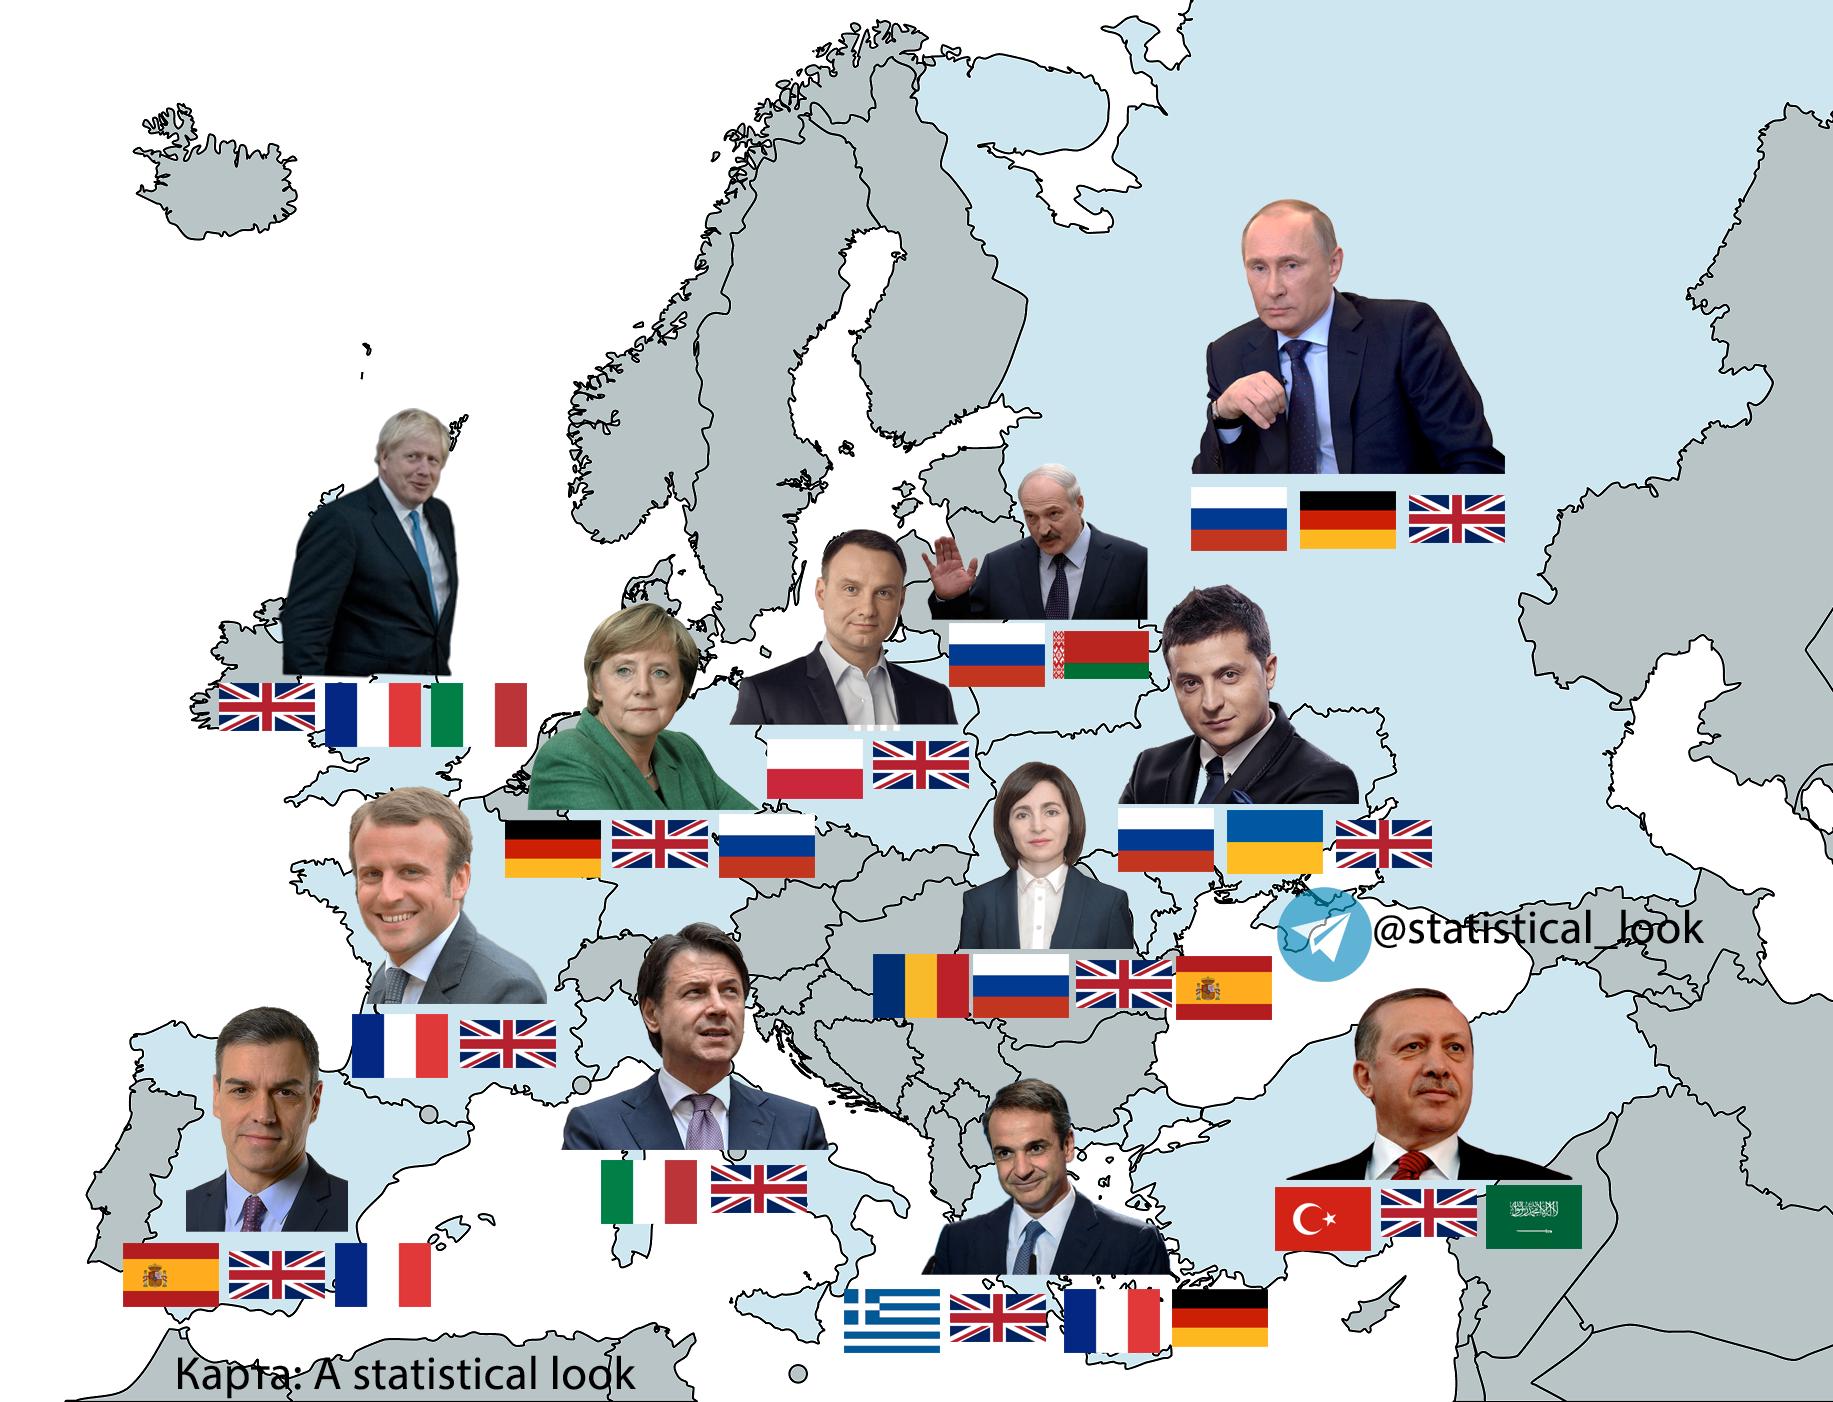 Инфографика: Какими языками владеют лидеры европейских государств